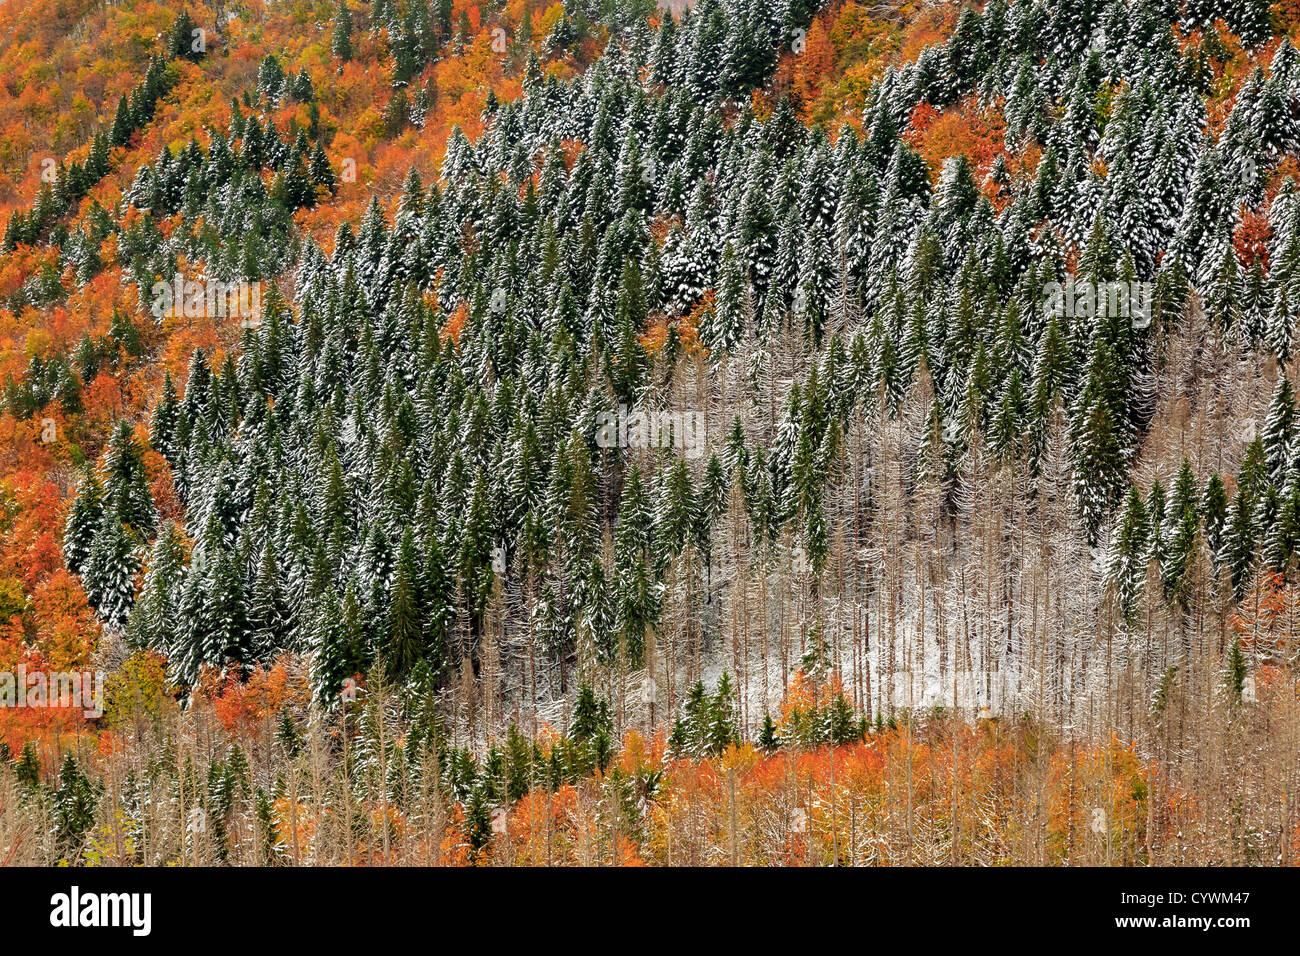 Les Apennins en couleurs de l'automne, Emilia-Romagna, Italie Photo Stock